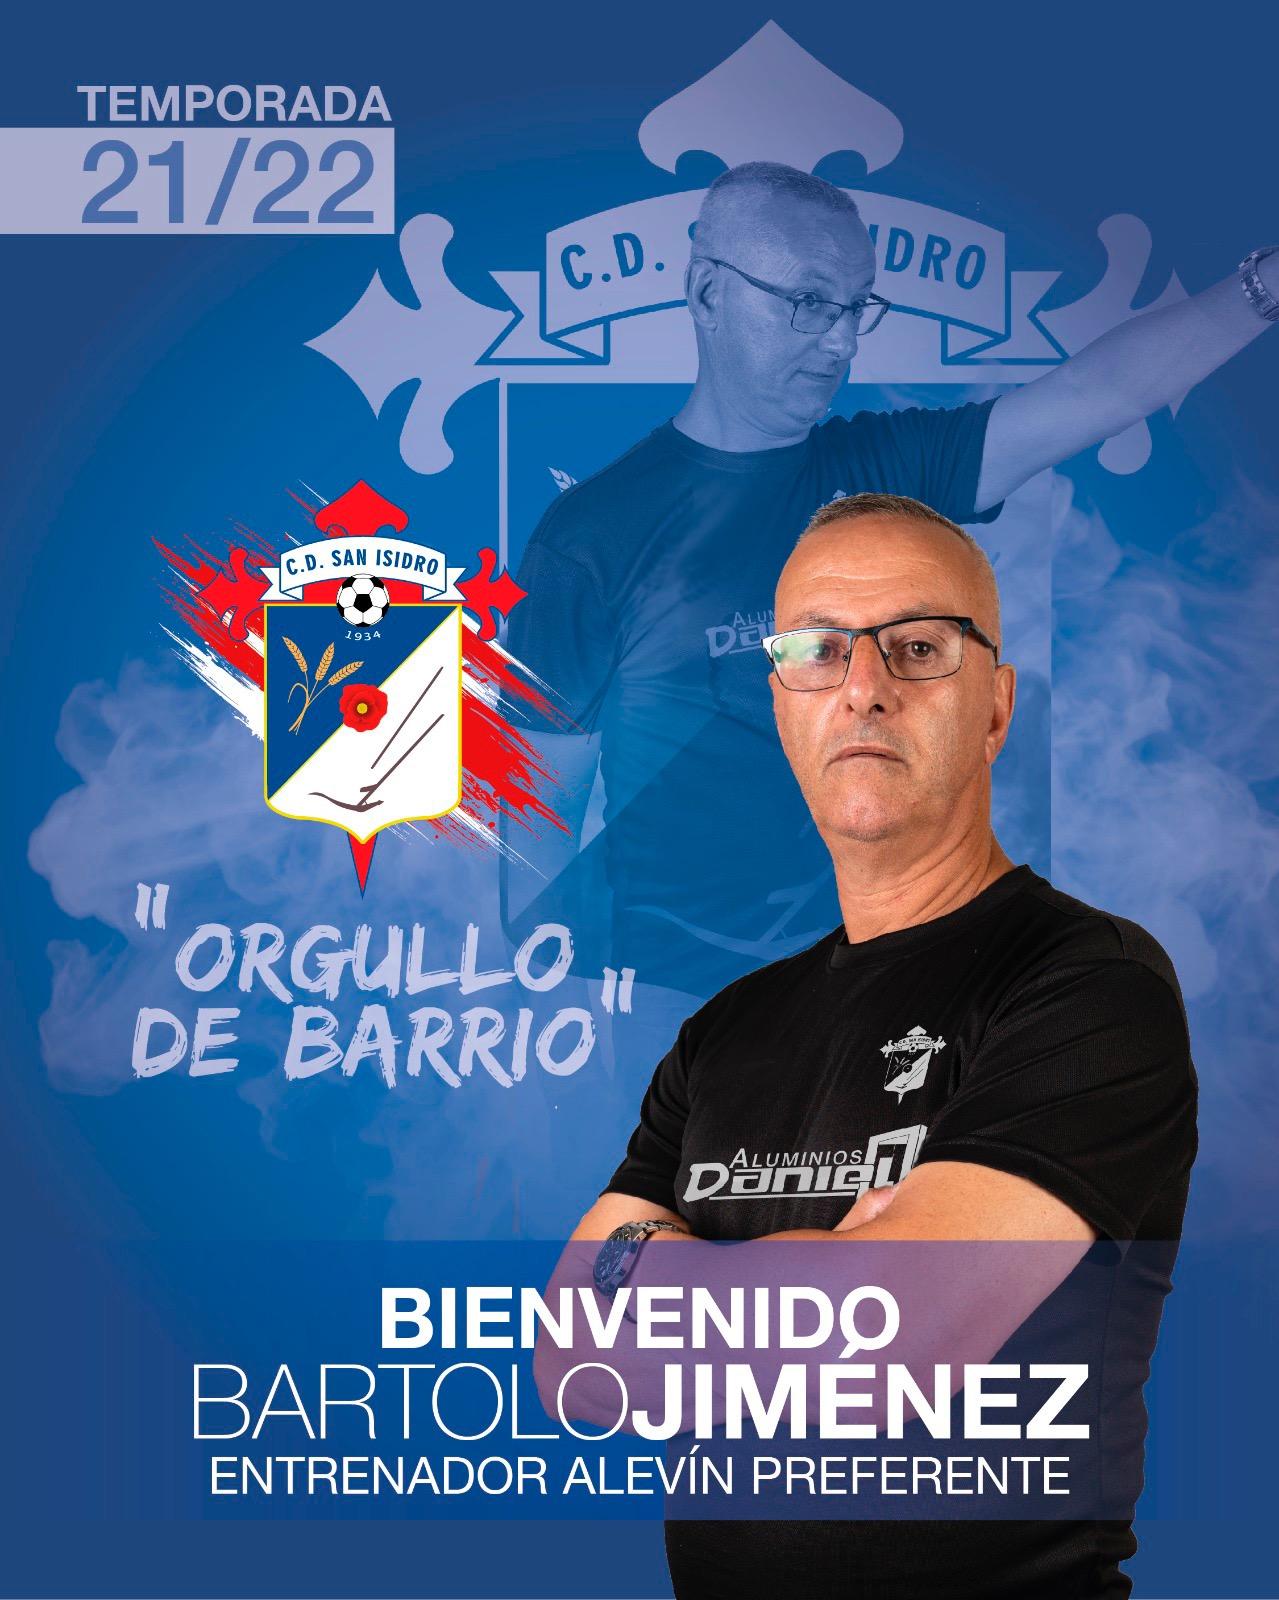 Bartolomé Jiménez, nuevo Entrenador del Alevín Preferente del C. D. San Isidro Aluminios Daniel